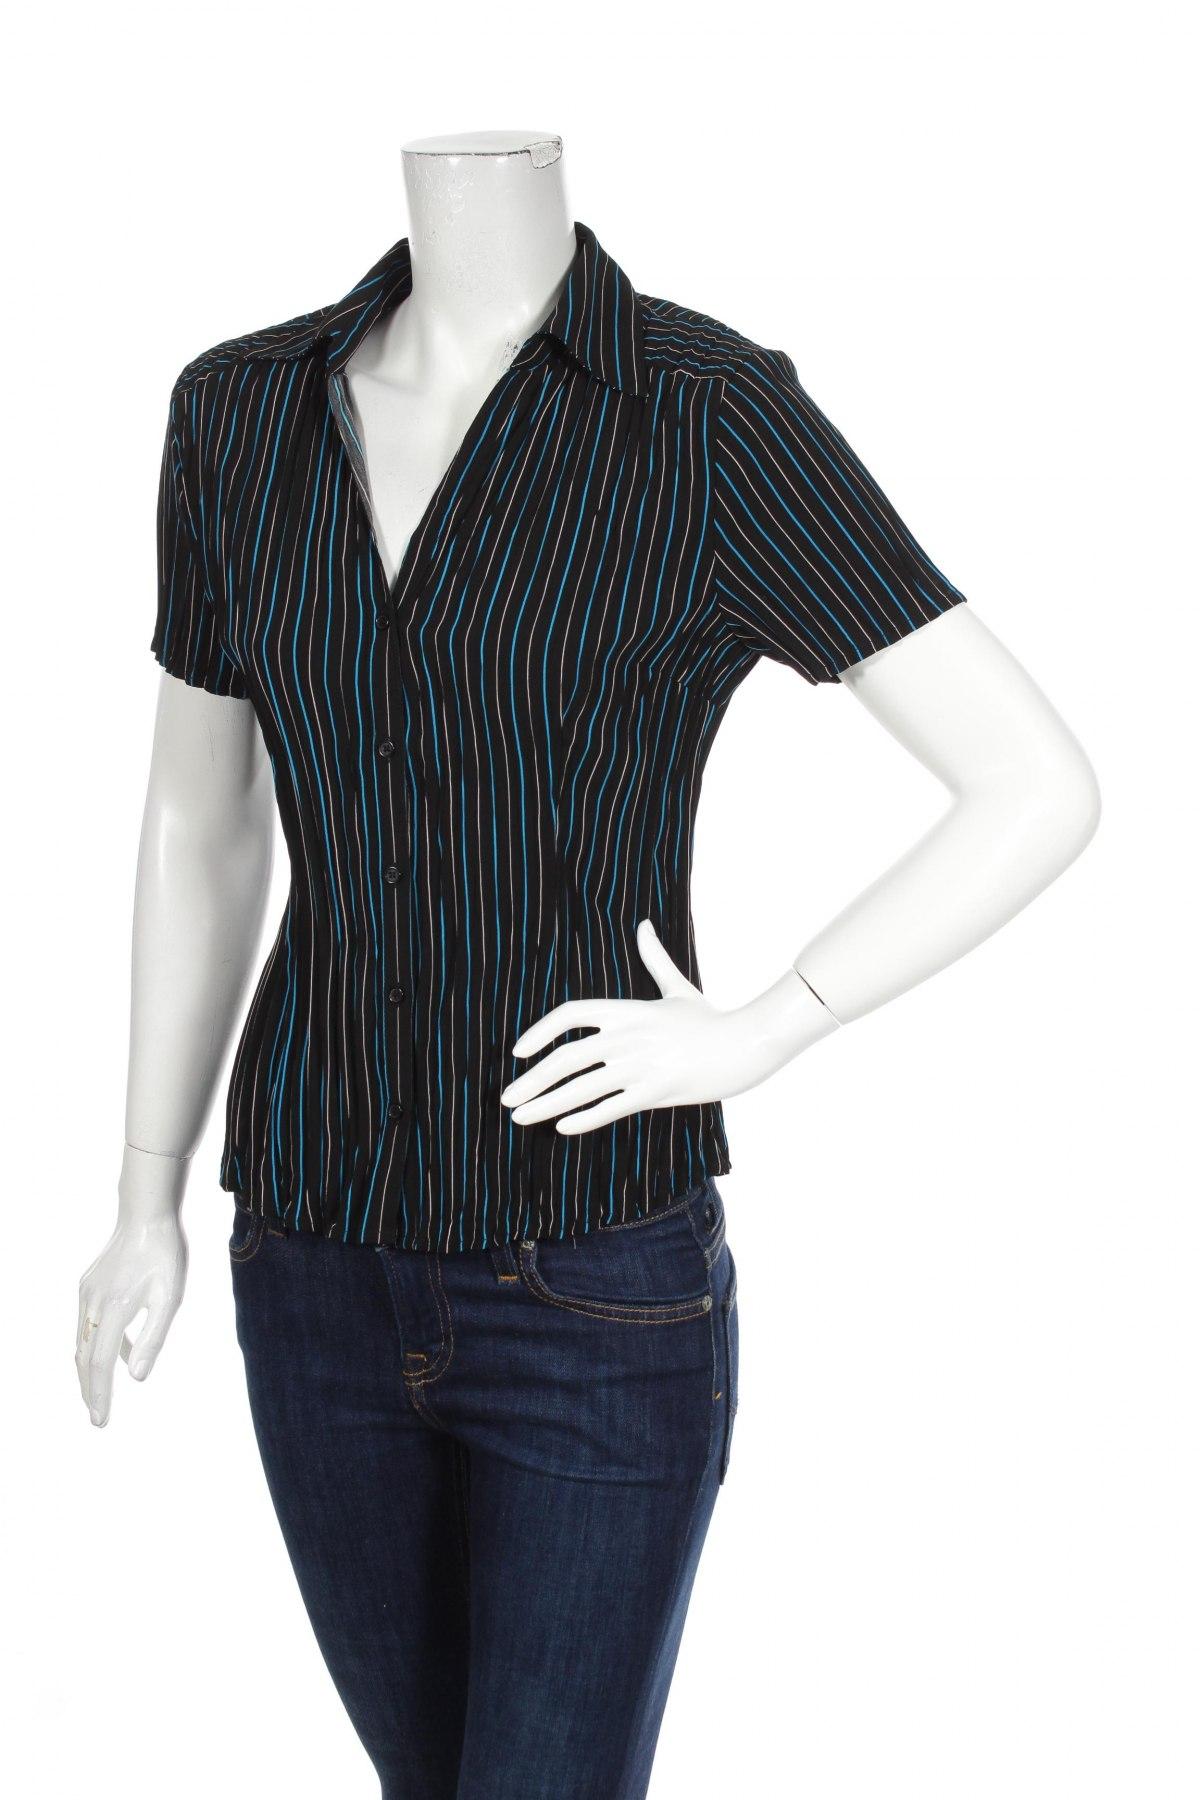 Γυναικείο πουκάμισο Fred David, Μέγεθος S, Χρώμα Πολύχρωμο, 97% πολυεστέρας, 3% ελαστάνη, Τιμή 8,66€